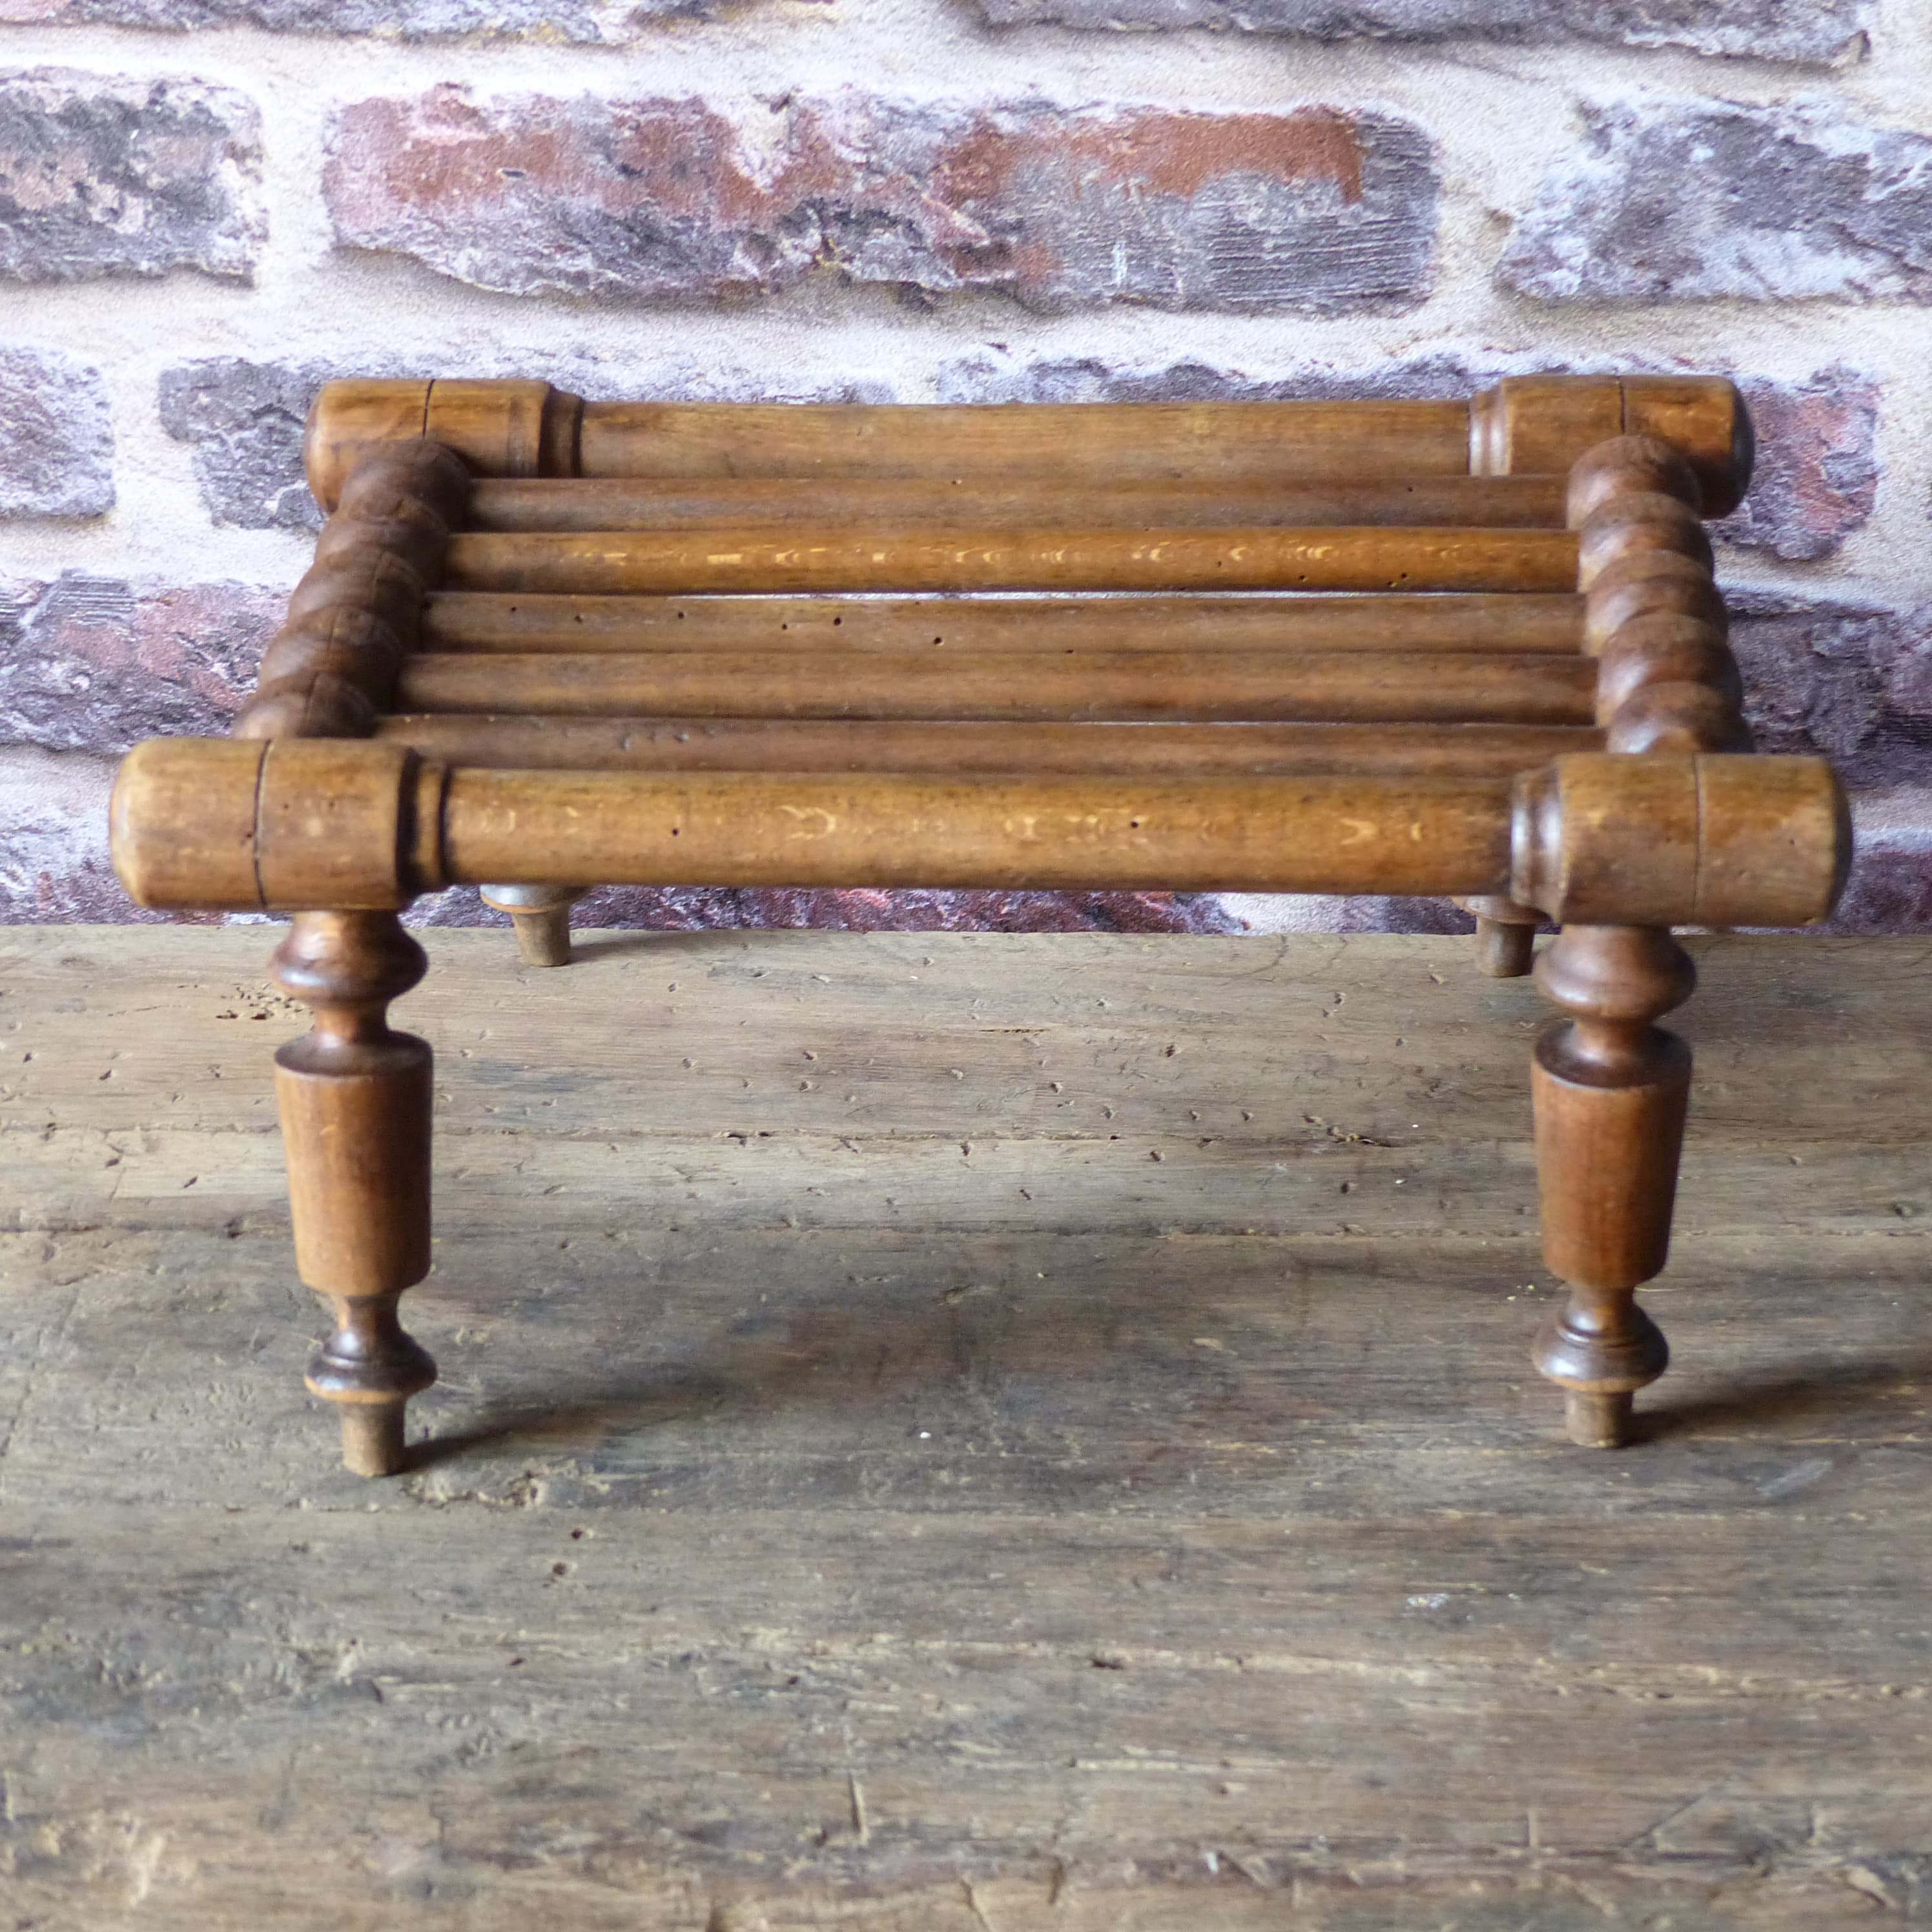 Petit repose pied en bois tourné lignedebrocante brocante en ligne chine pour vous meubles  # Repose Pied En Bois